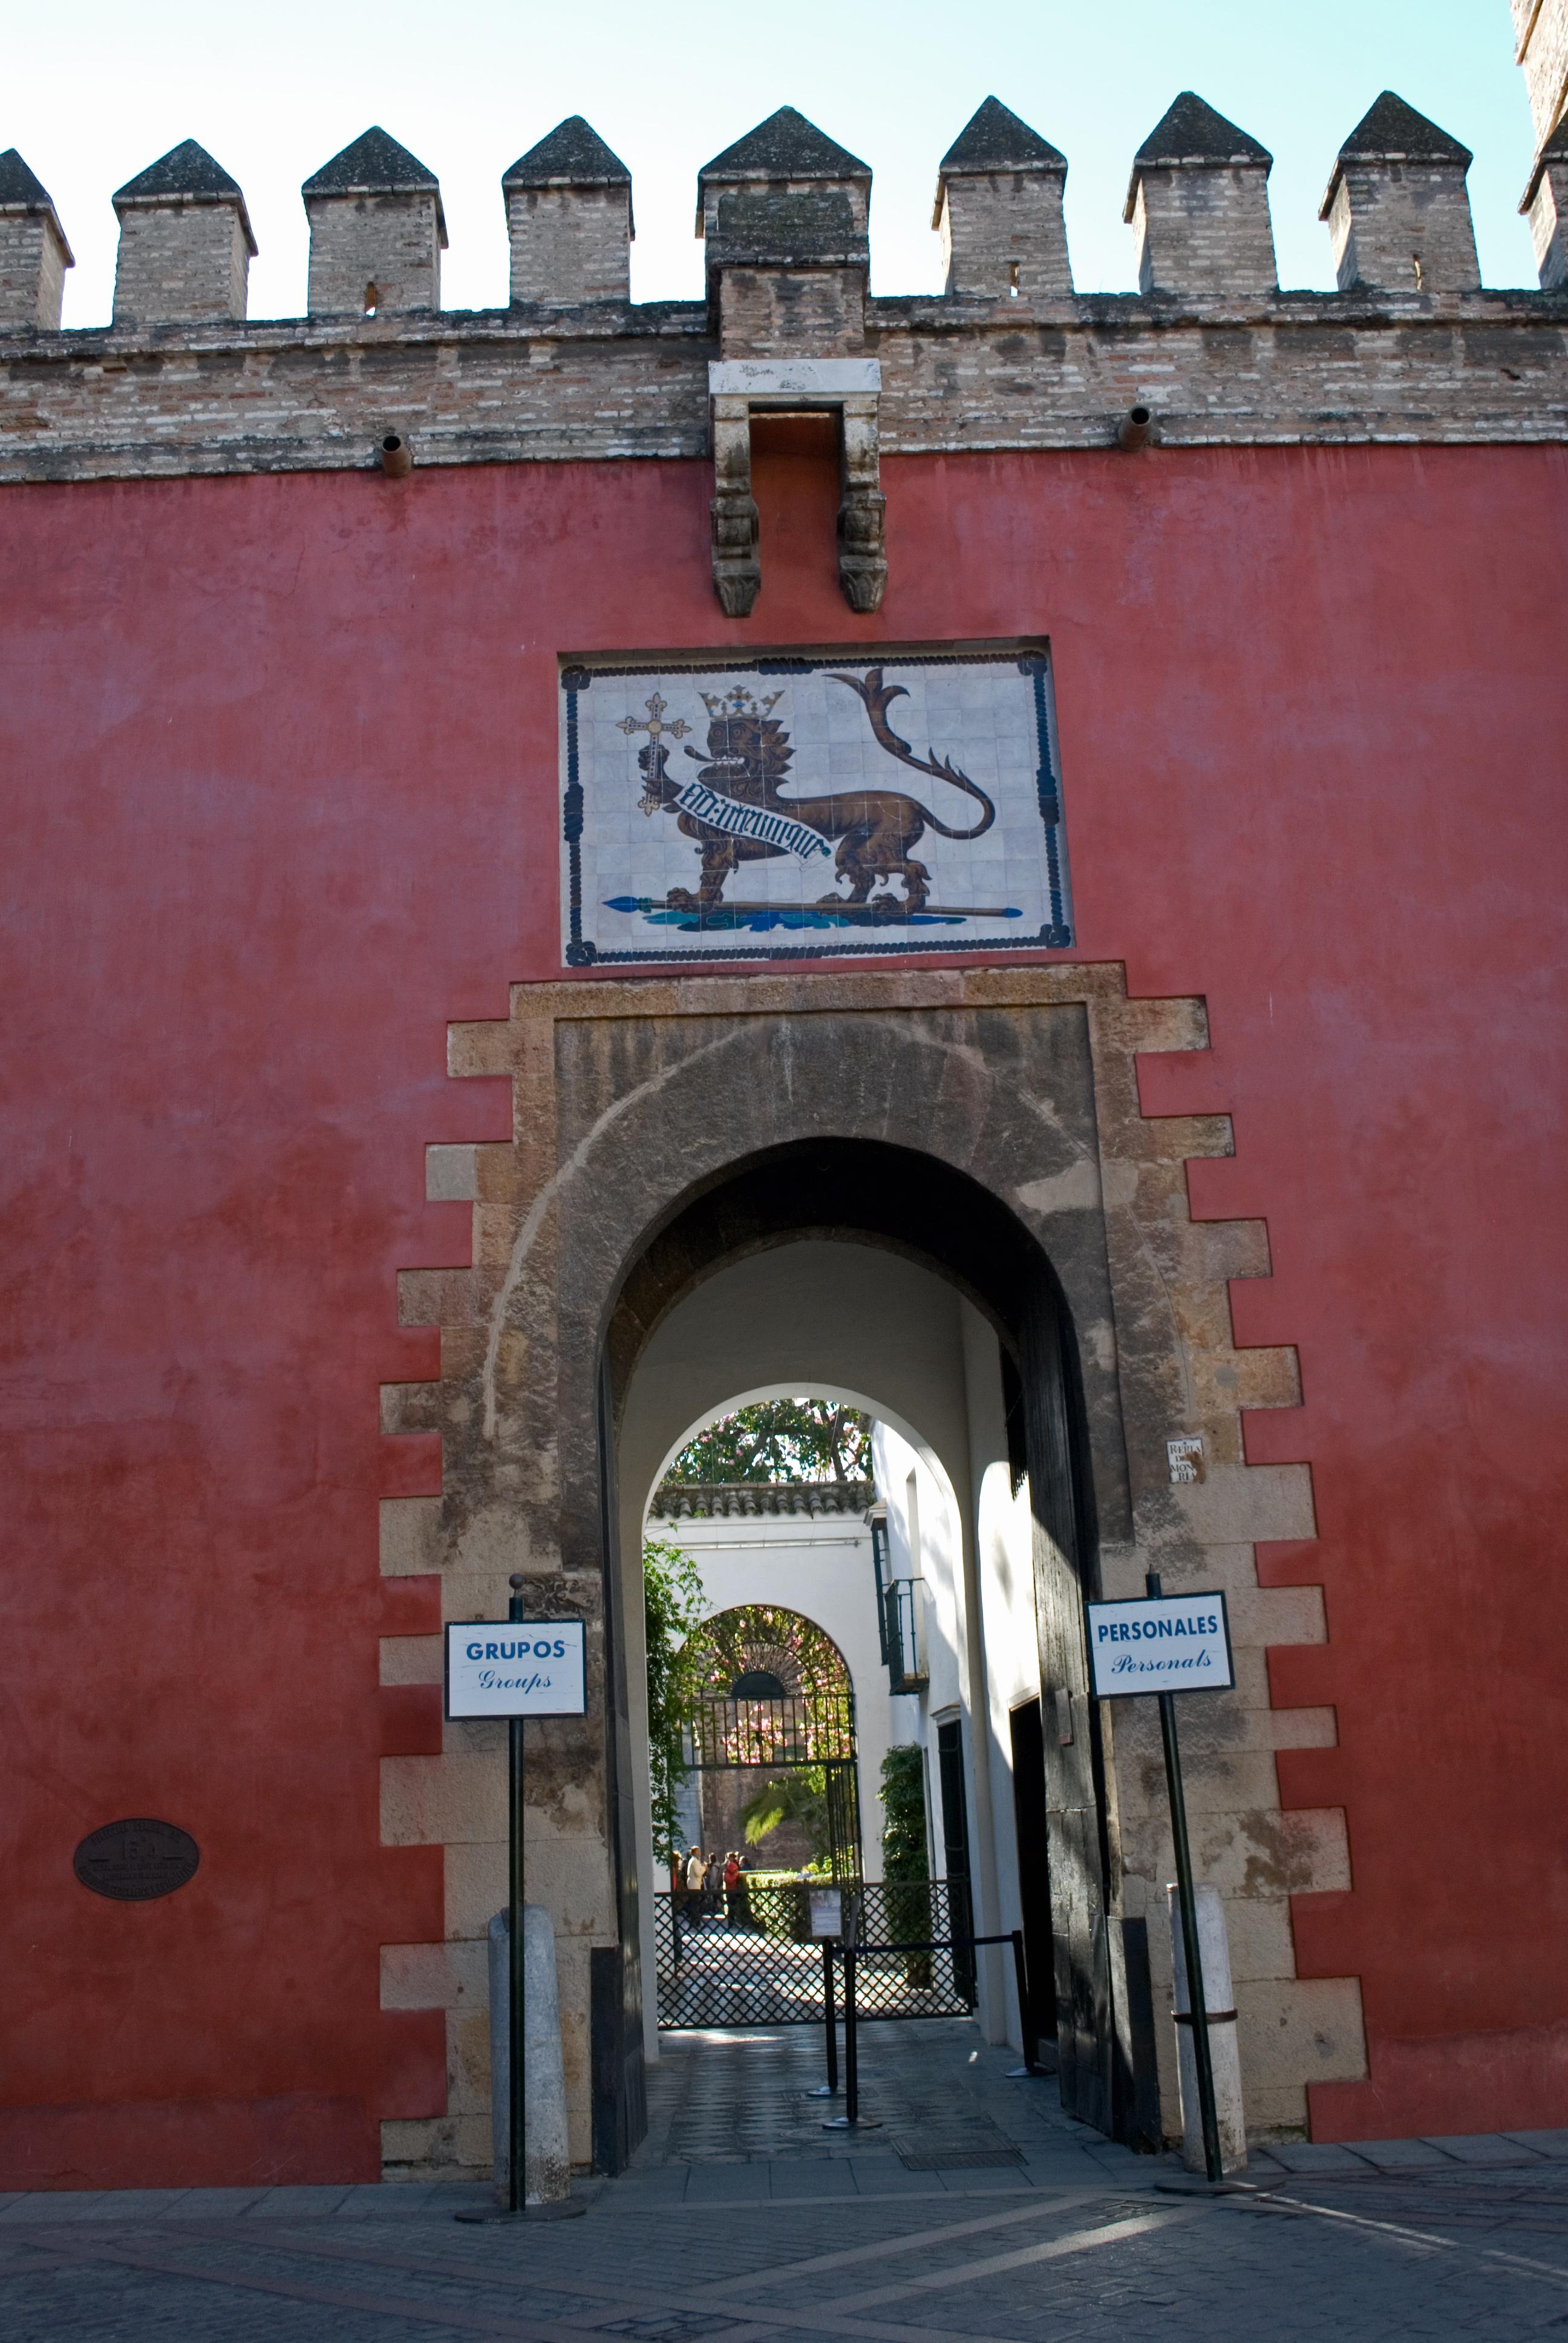 La torta de aceite excursi n a los reales alc zares de for Puerta 4 del jockey